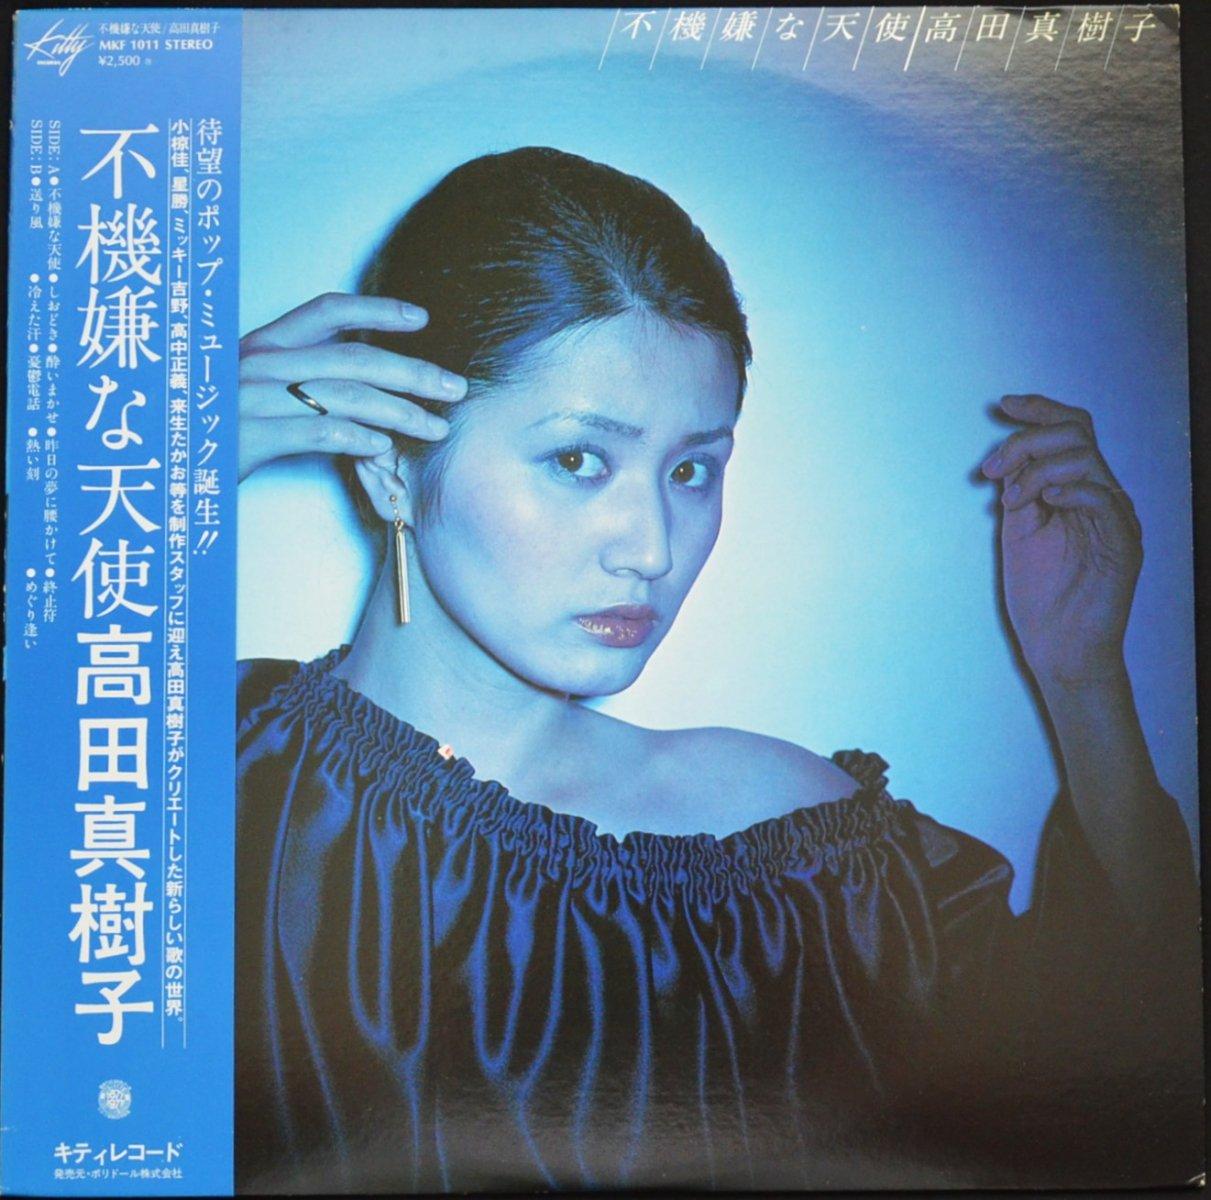 高田真樹子 MAKIKO TAKADA / 不機嫌な天使 (LP)